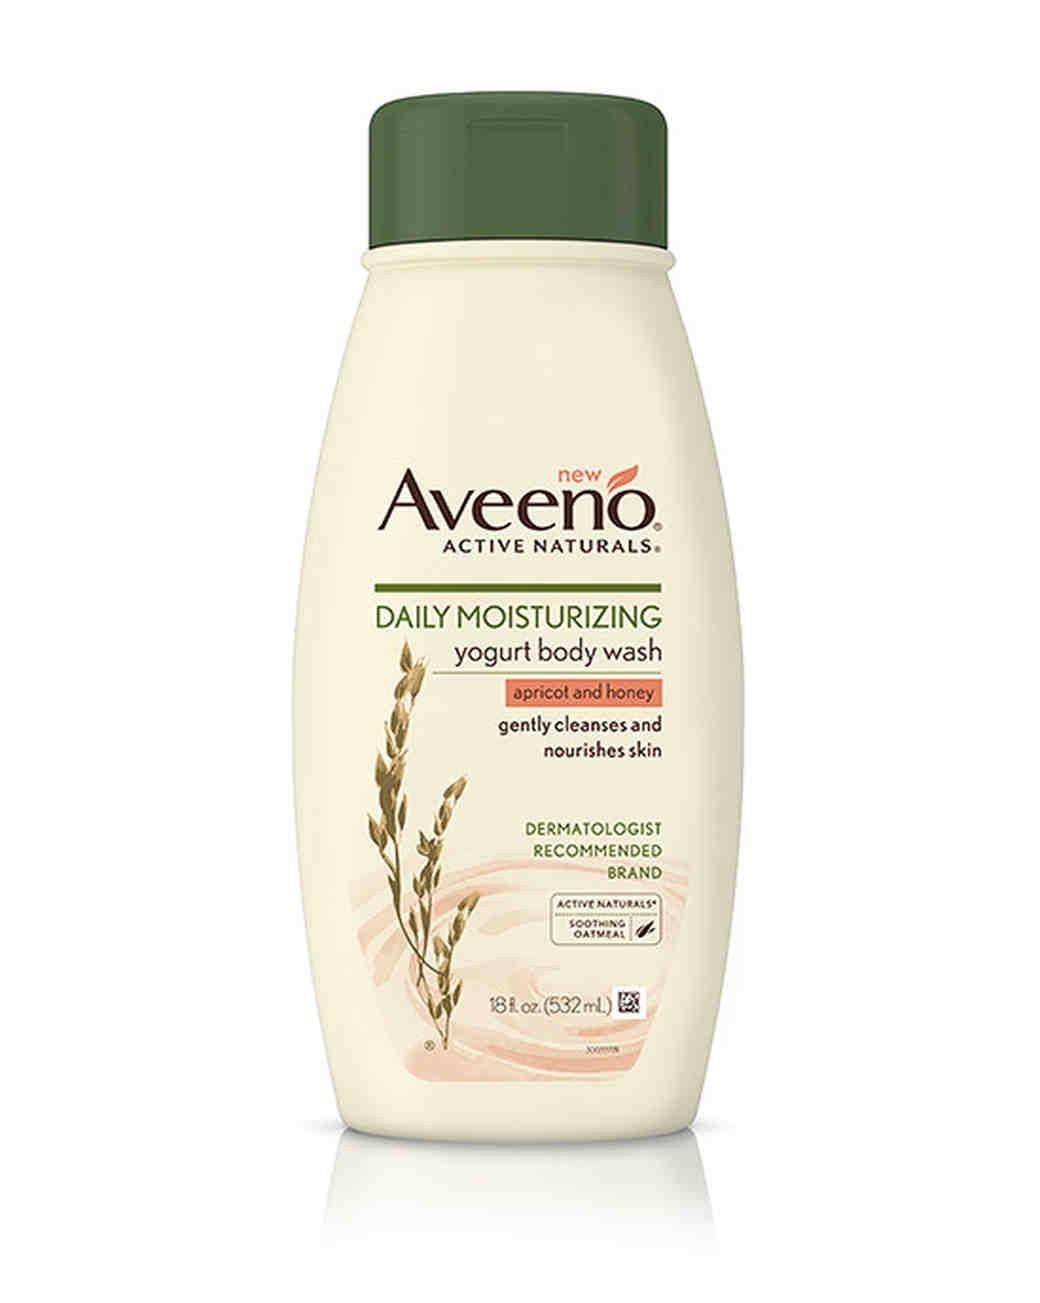 aveeno daily moisturizing yogurt